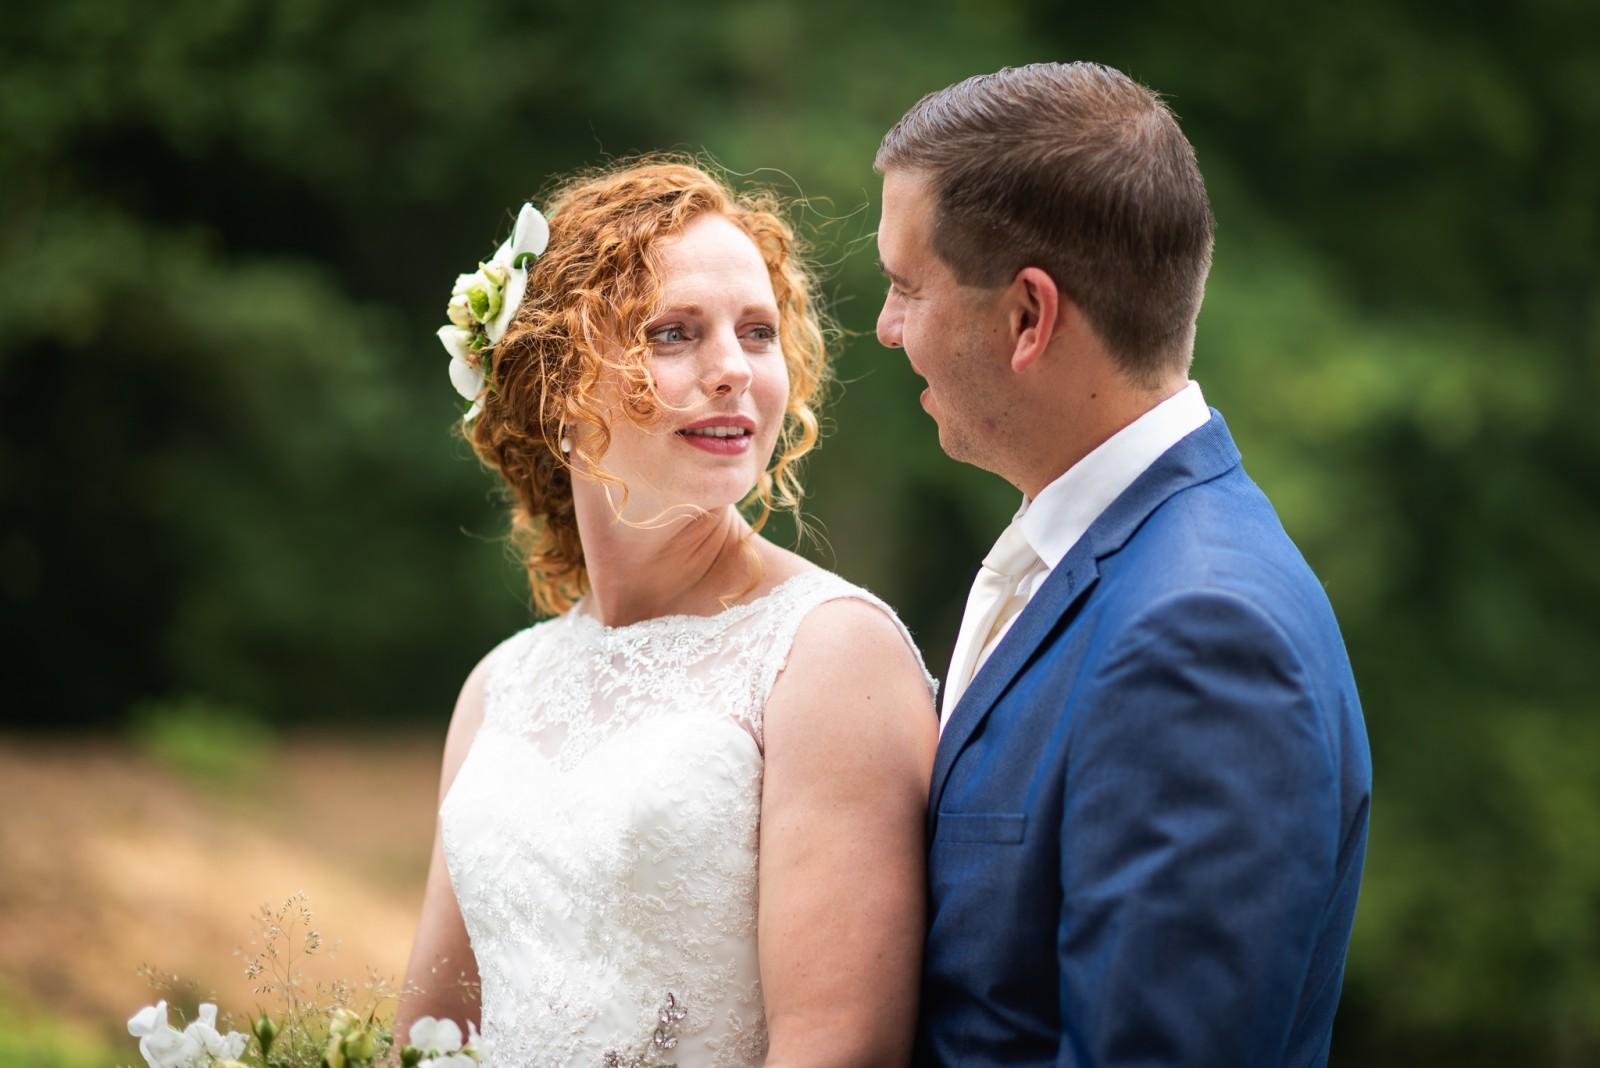 Bruid en bruidegom kijken elkaar in de ogen